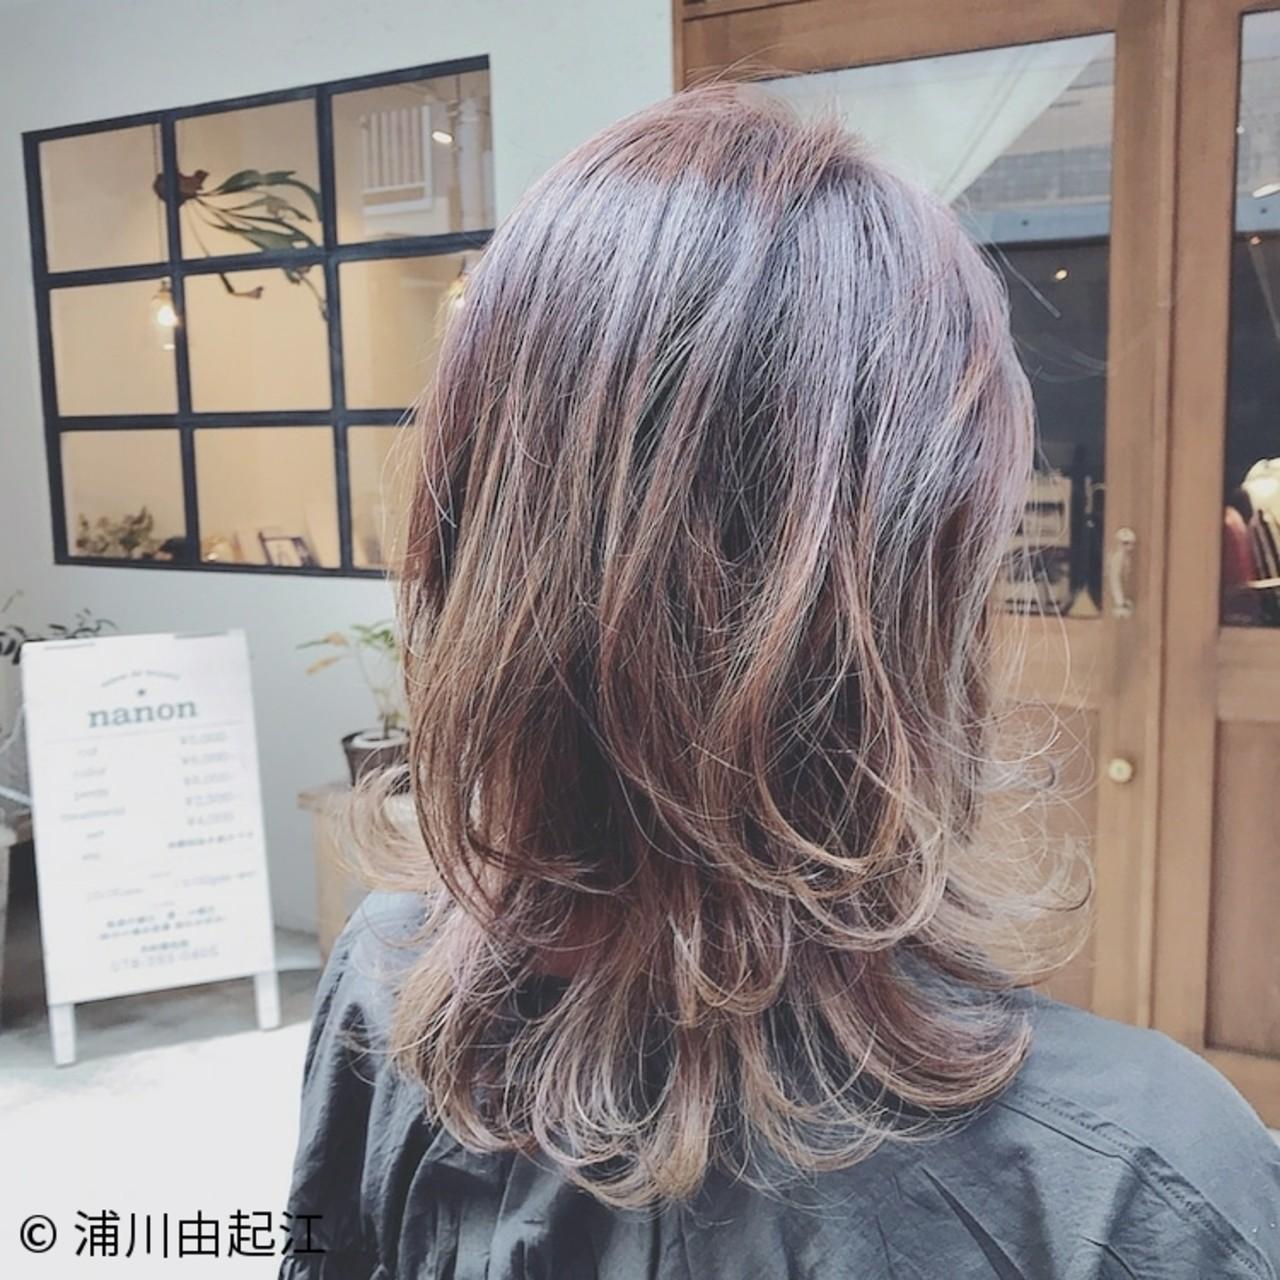 大人かわいい ハイライト ゆるふわ フェミニン ヘアスタイルや髪型の写真・画像